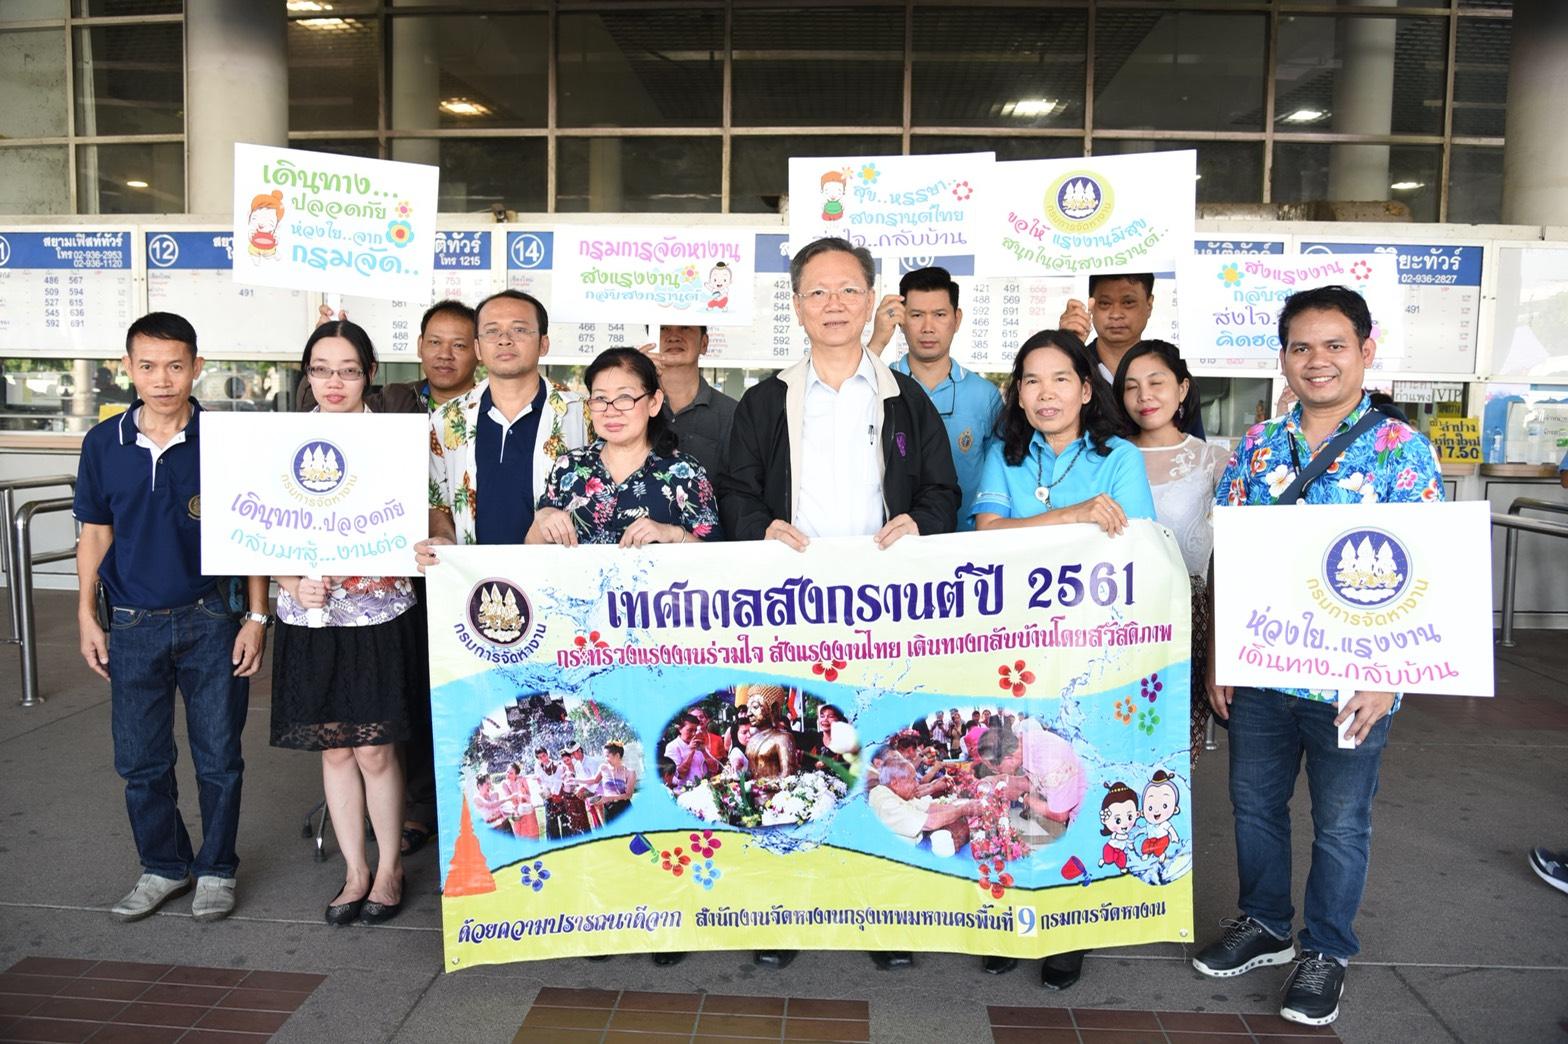 กกจ.ร่วมส่งแรงงานไทยกลับบ้านช่วงเทศกาลสงกรานต์ ที่สถานีขนส่งหมอชิต